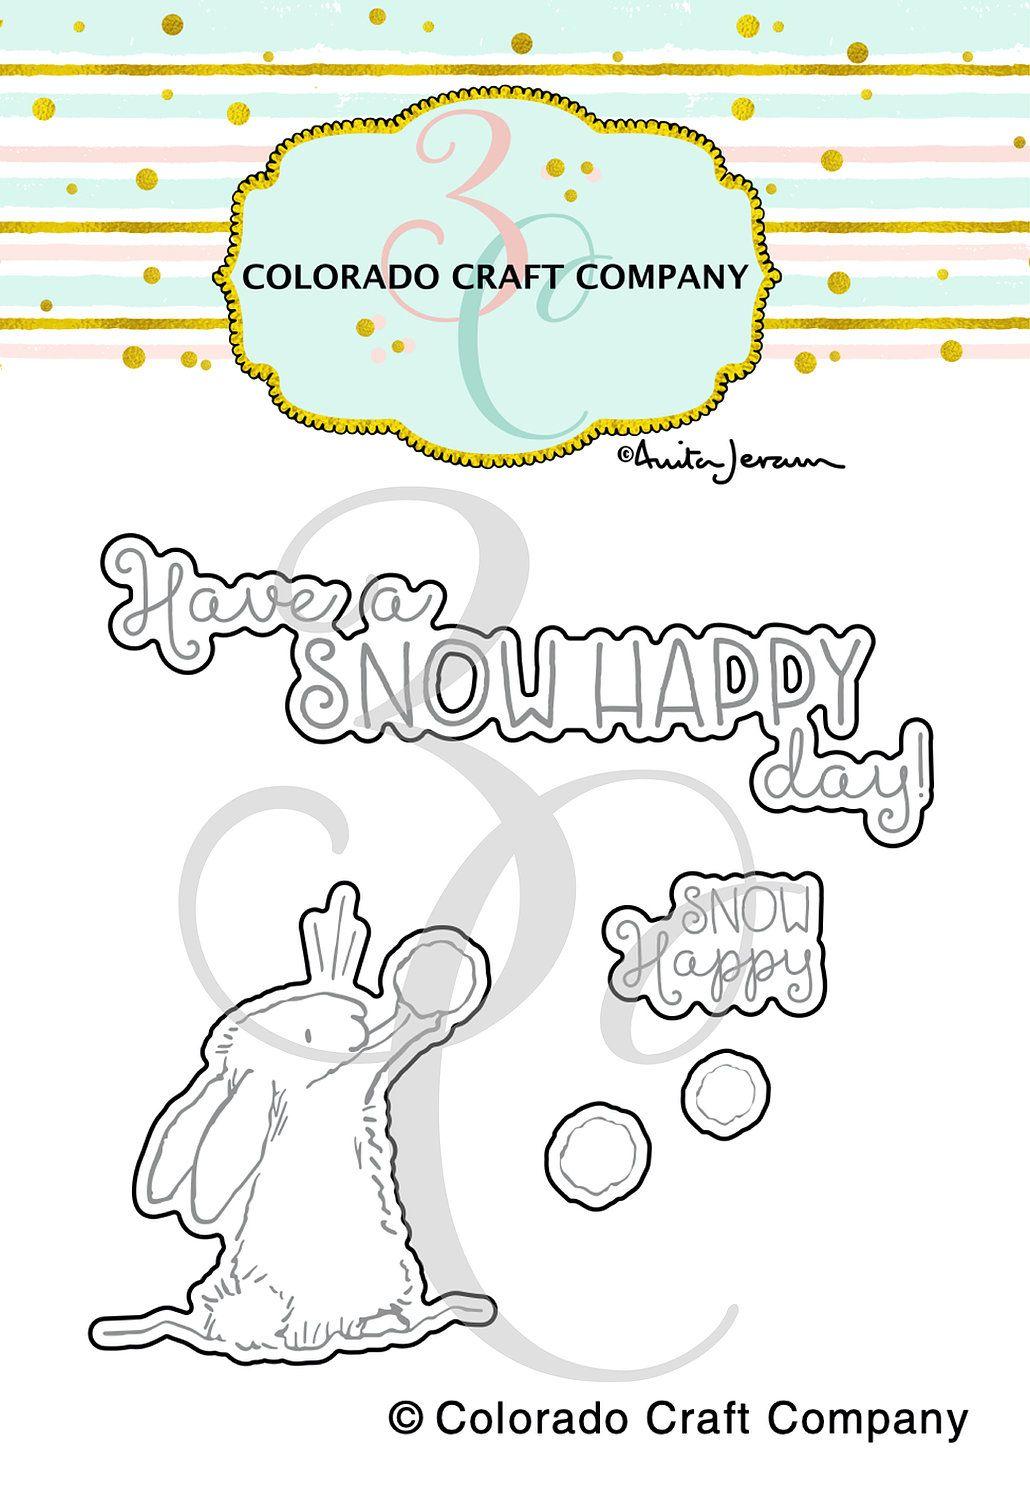 Colorado Craft Company ~ Anita Jeram ~ Snow Happy Dies